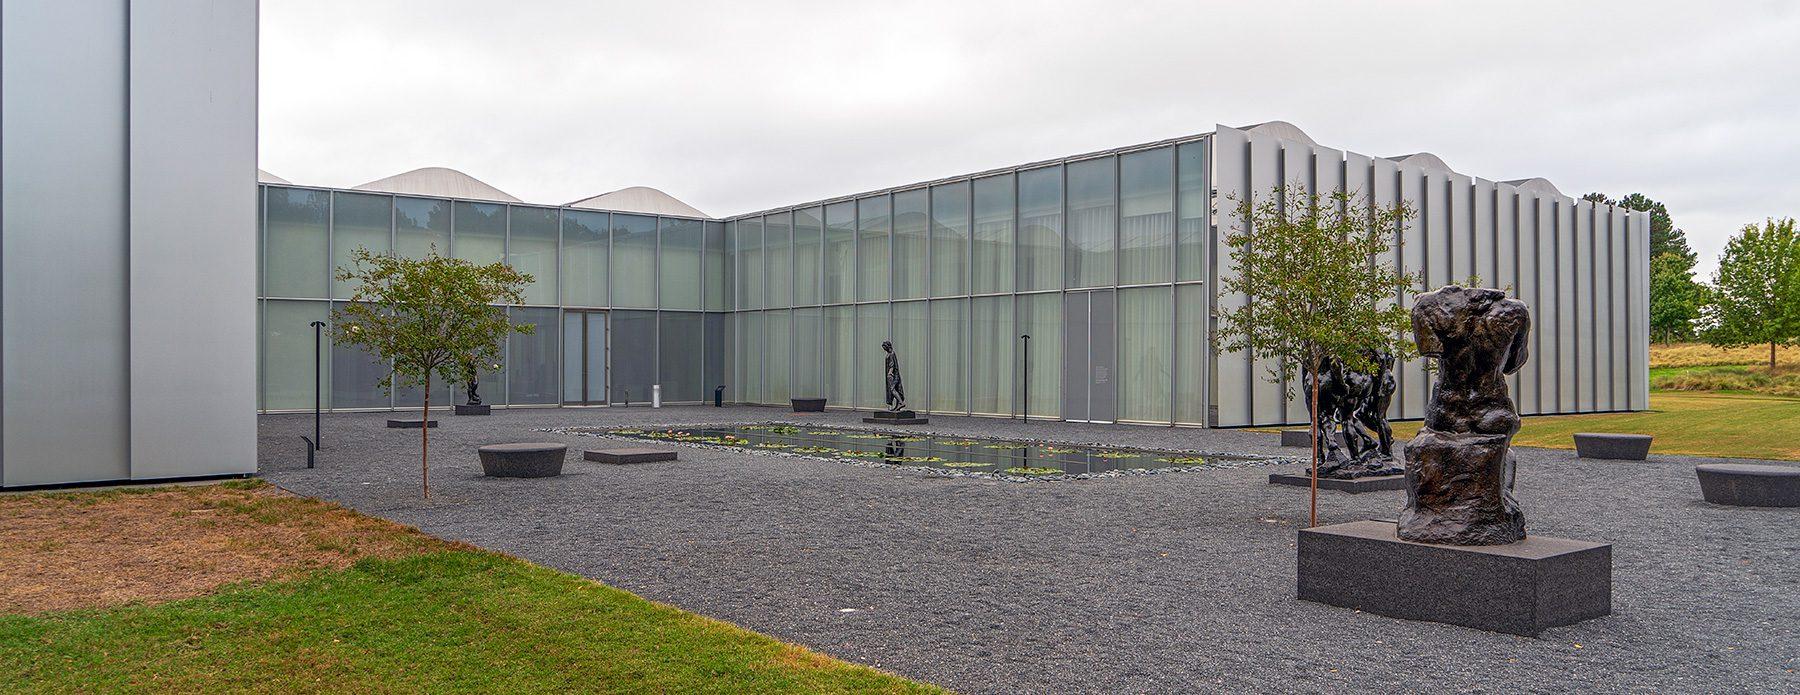 Museumsgebäude mit Garten und Skulpturen im Raleigh Art Museum